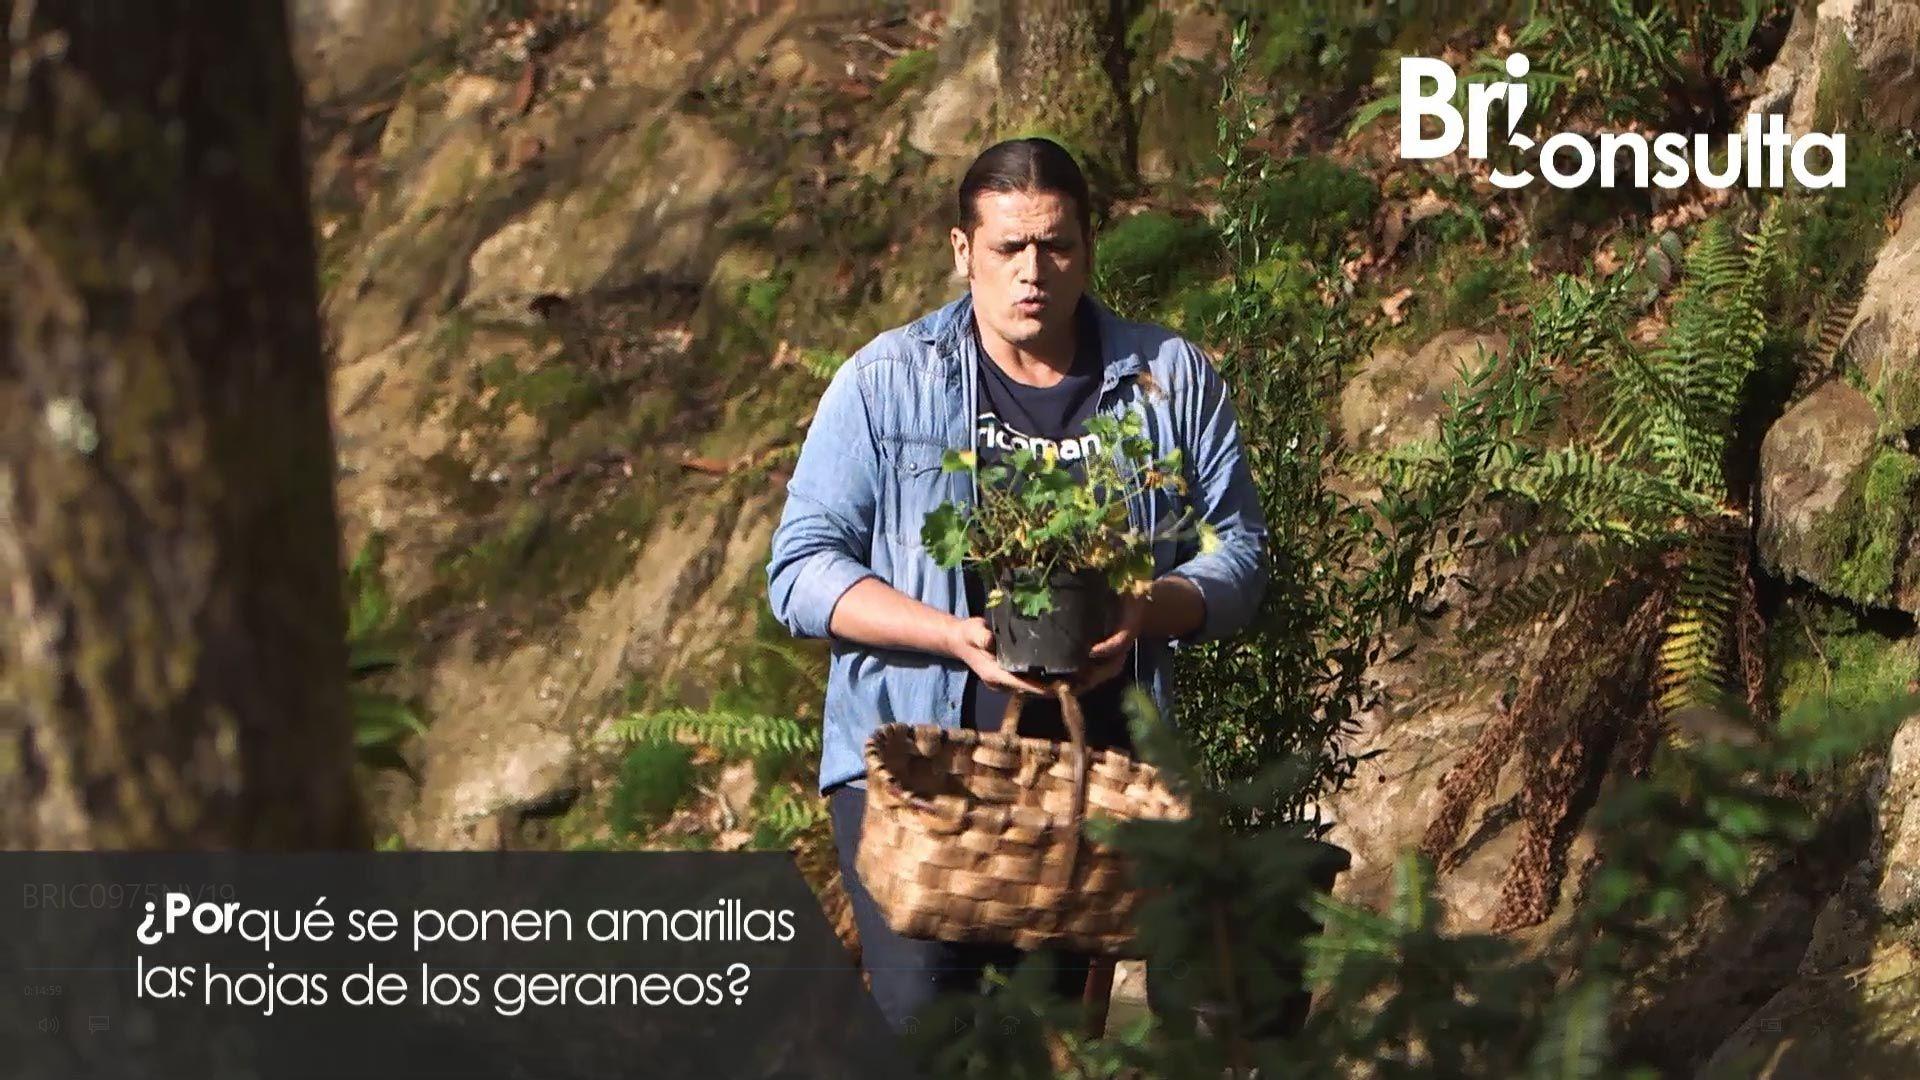 ¿Por qué se ponen amarillas las hojas del geranio?